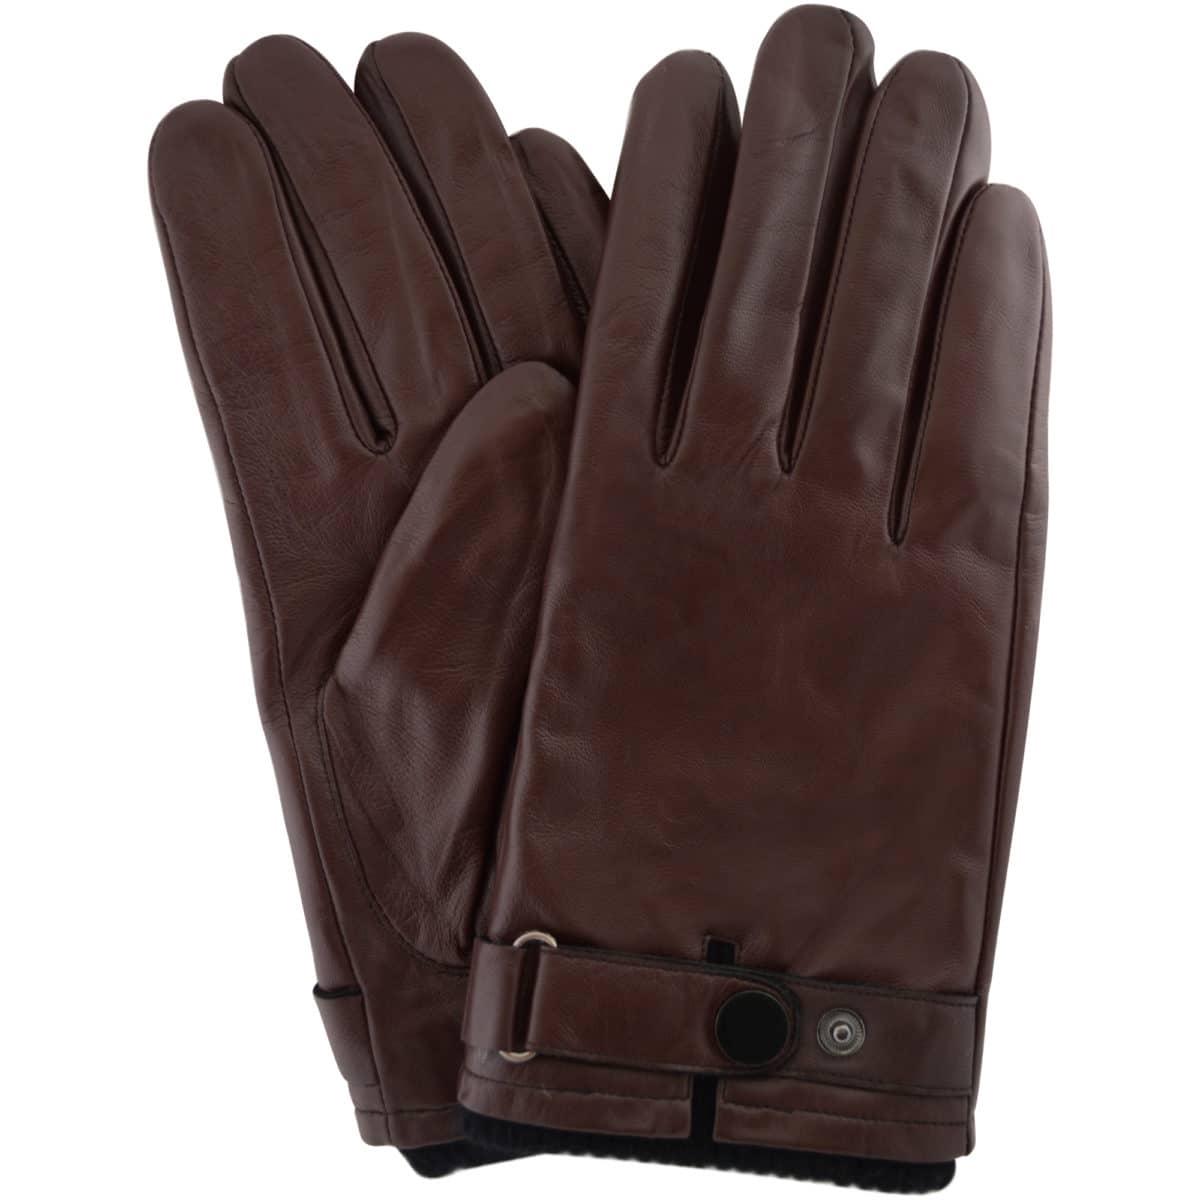 Leather Biker Stud Gloves - Brown